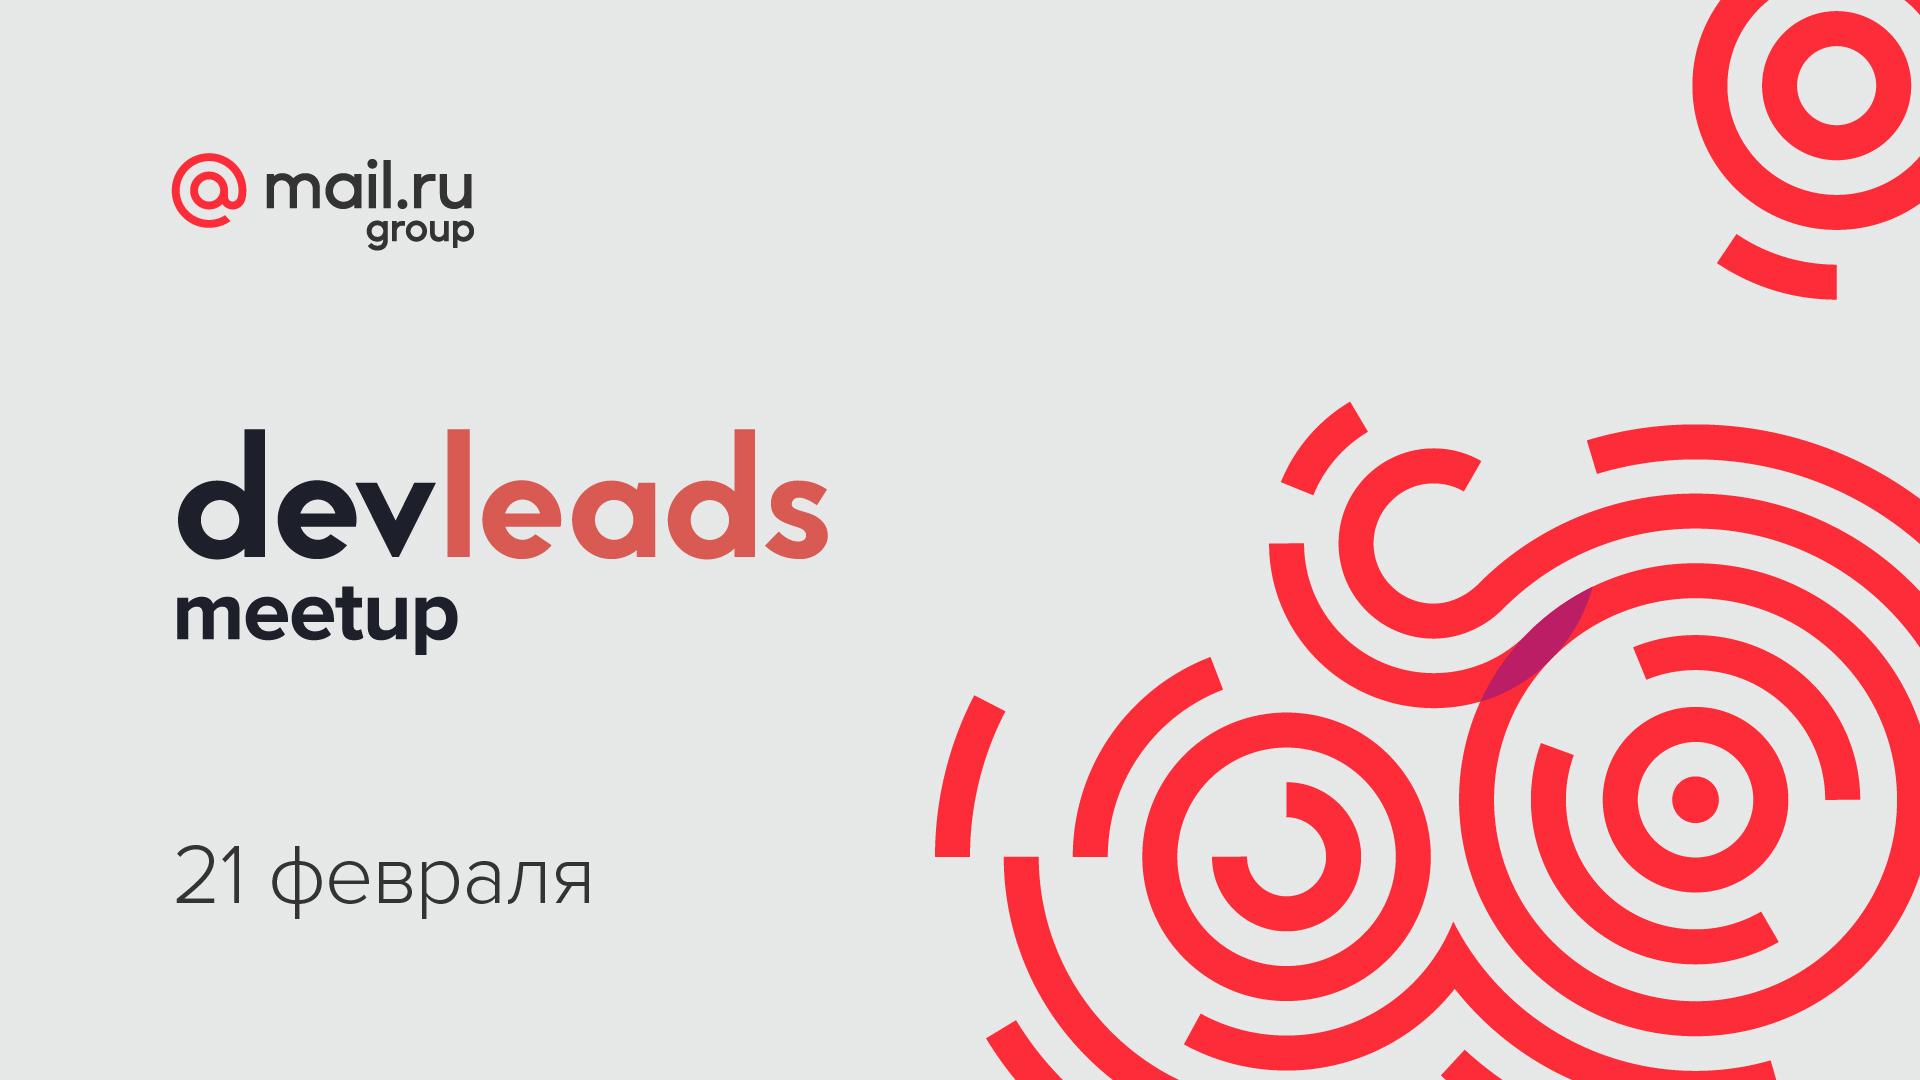 Приглашаем на Devleads Meetup 21 февраля